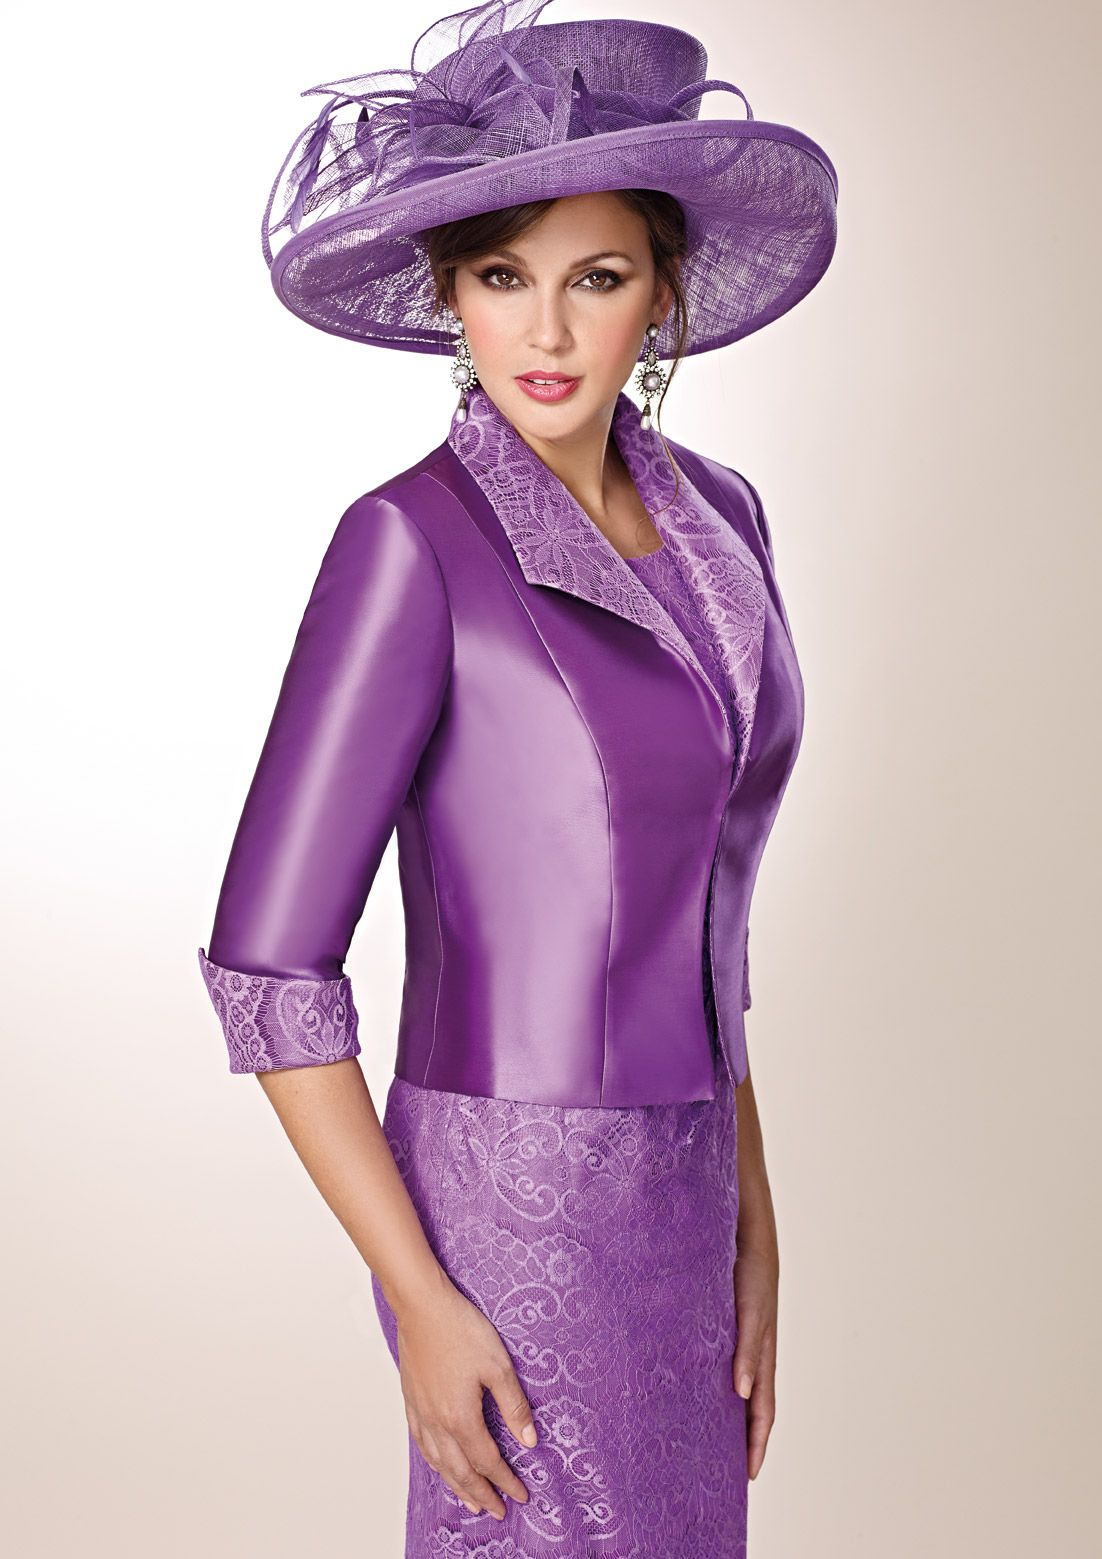 ZEILA DONNA 9252 Vestido de fiesta corto en encaje, con pedrería y ...